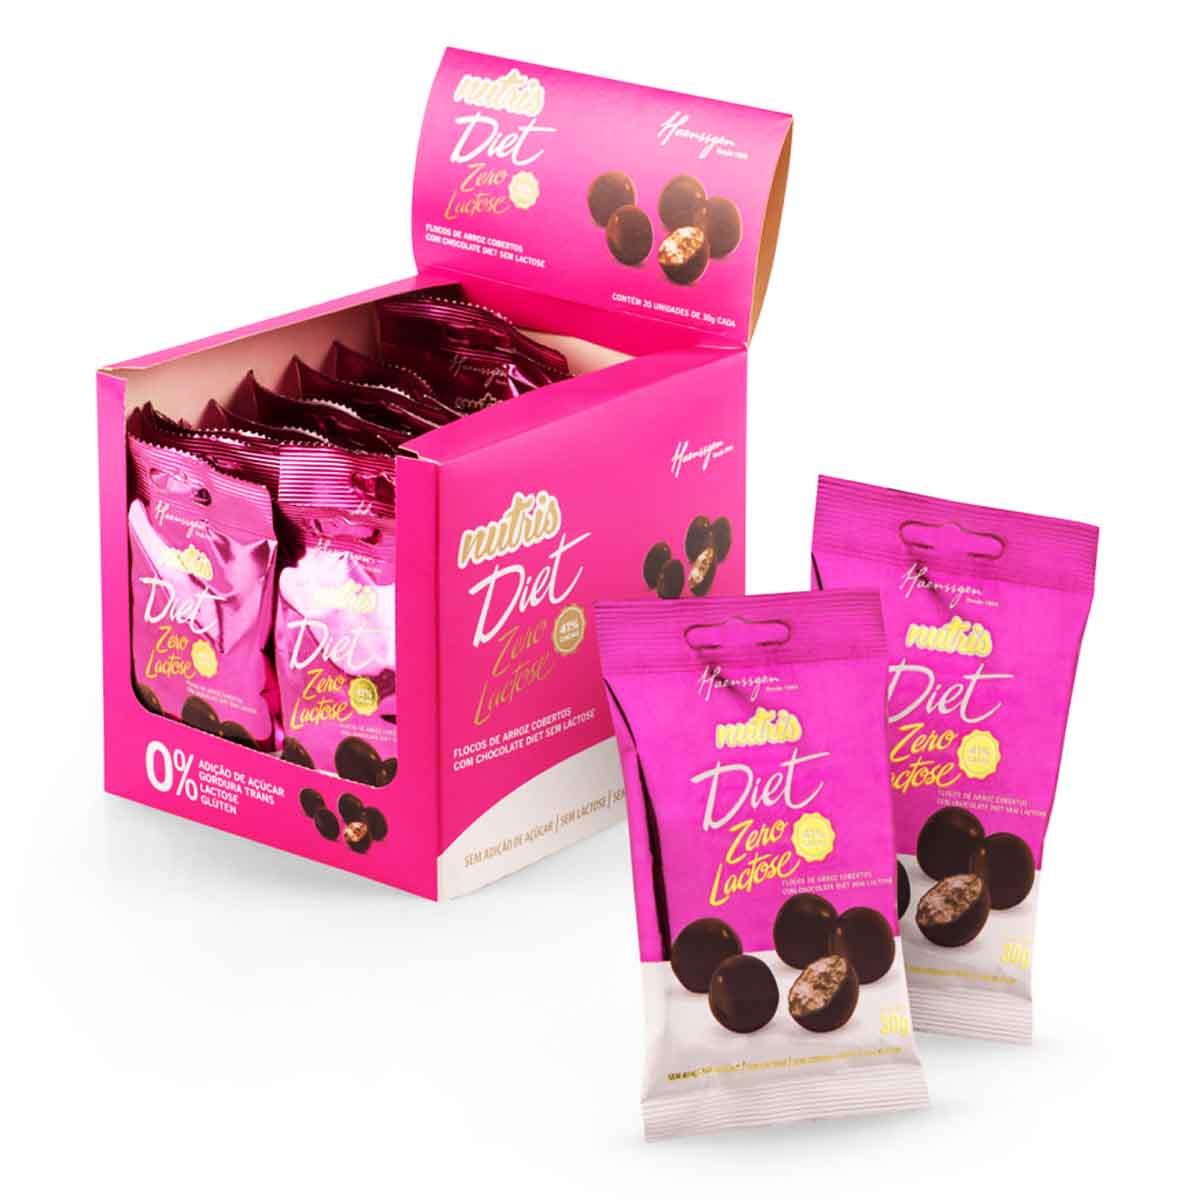 Flocos de Arroz (Drageado) de chocolate diet e sem lactose com 20 Unidades de 30g NUTRIS